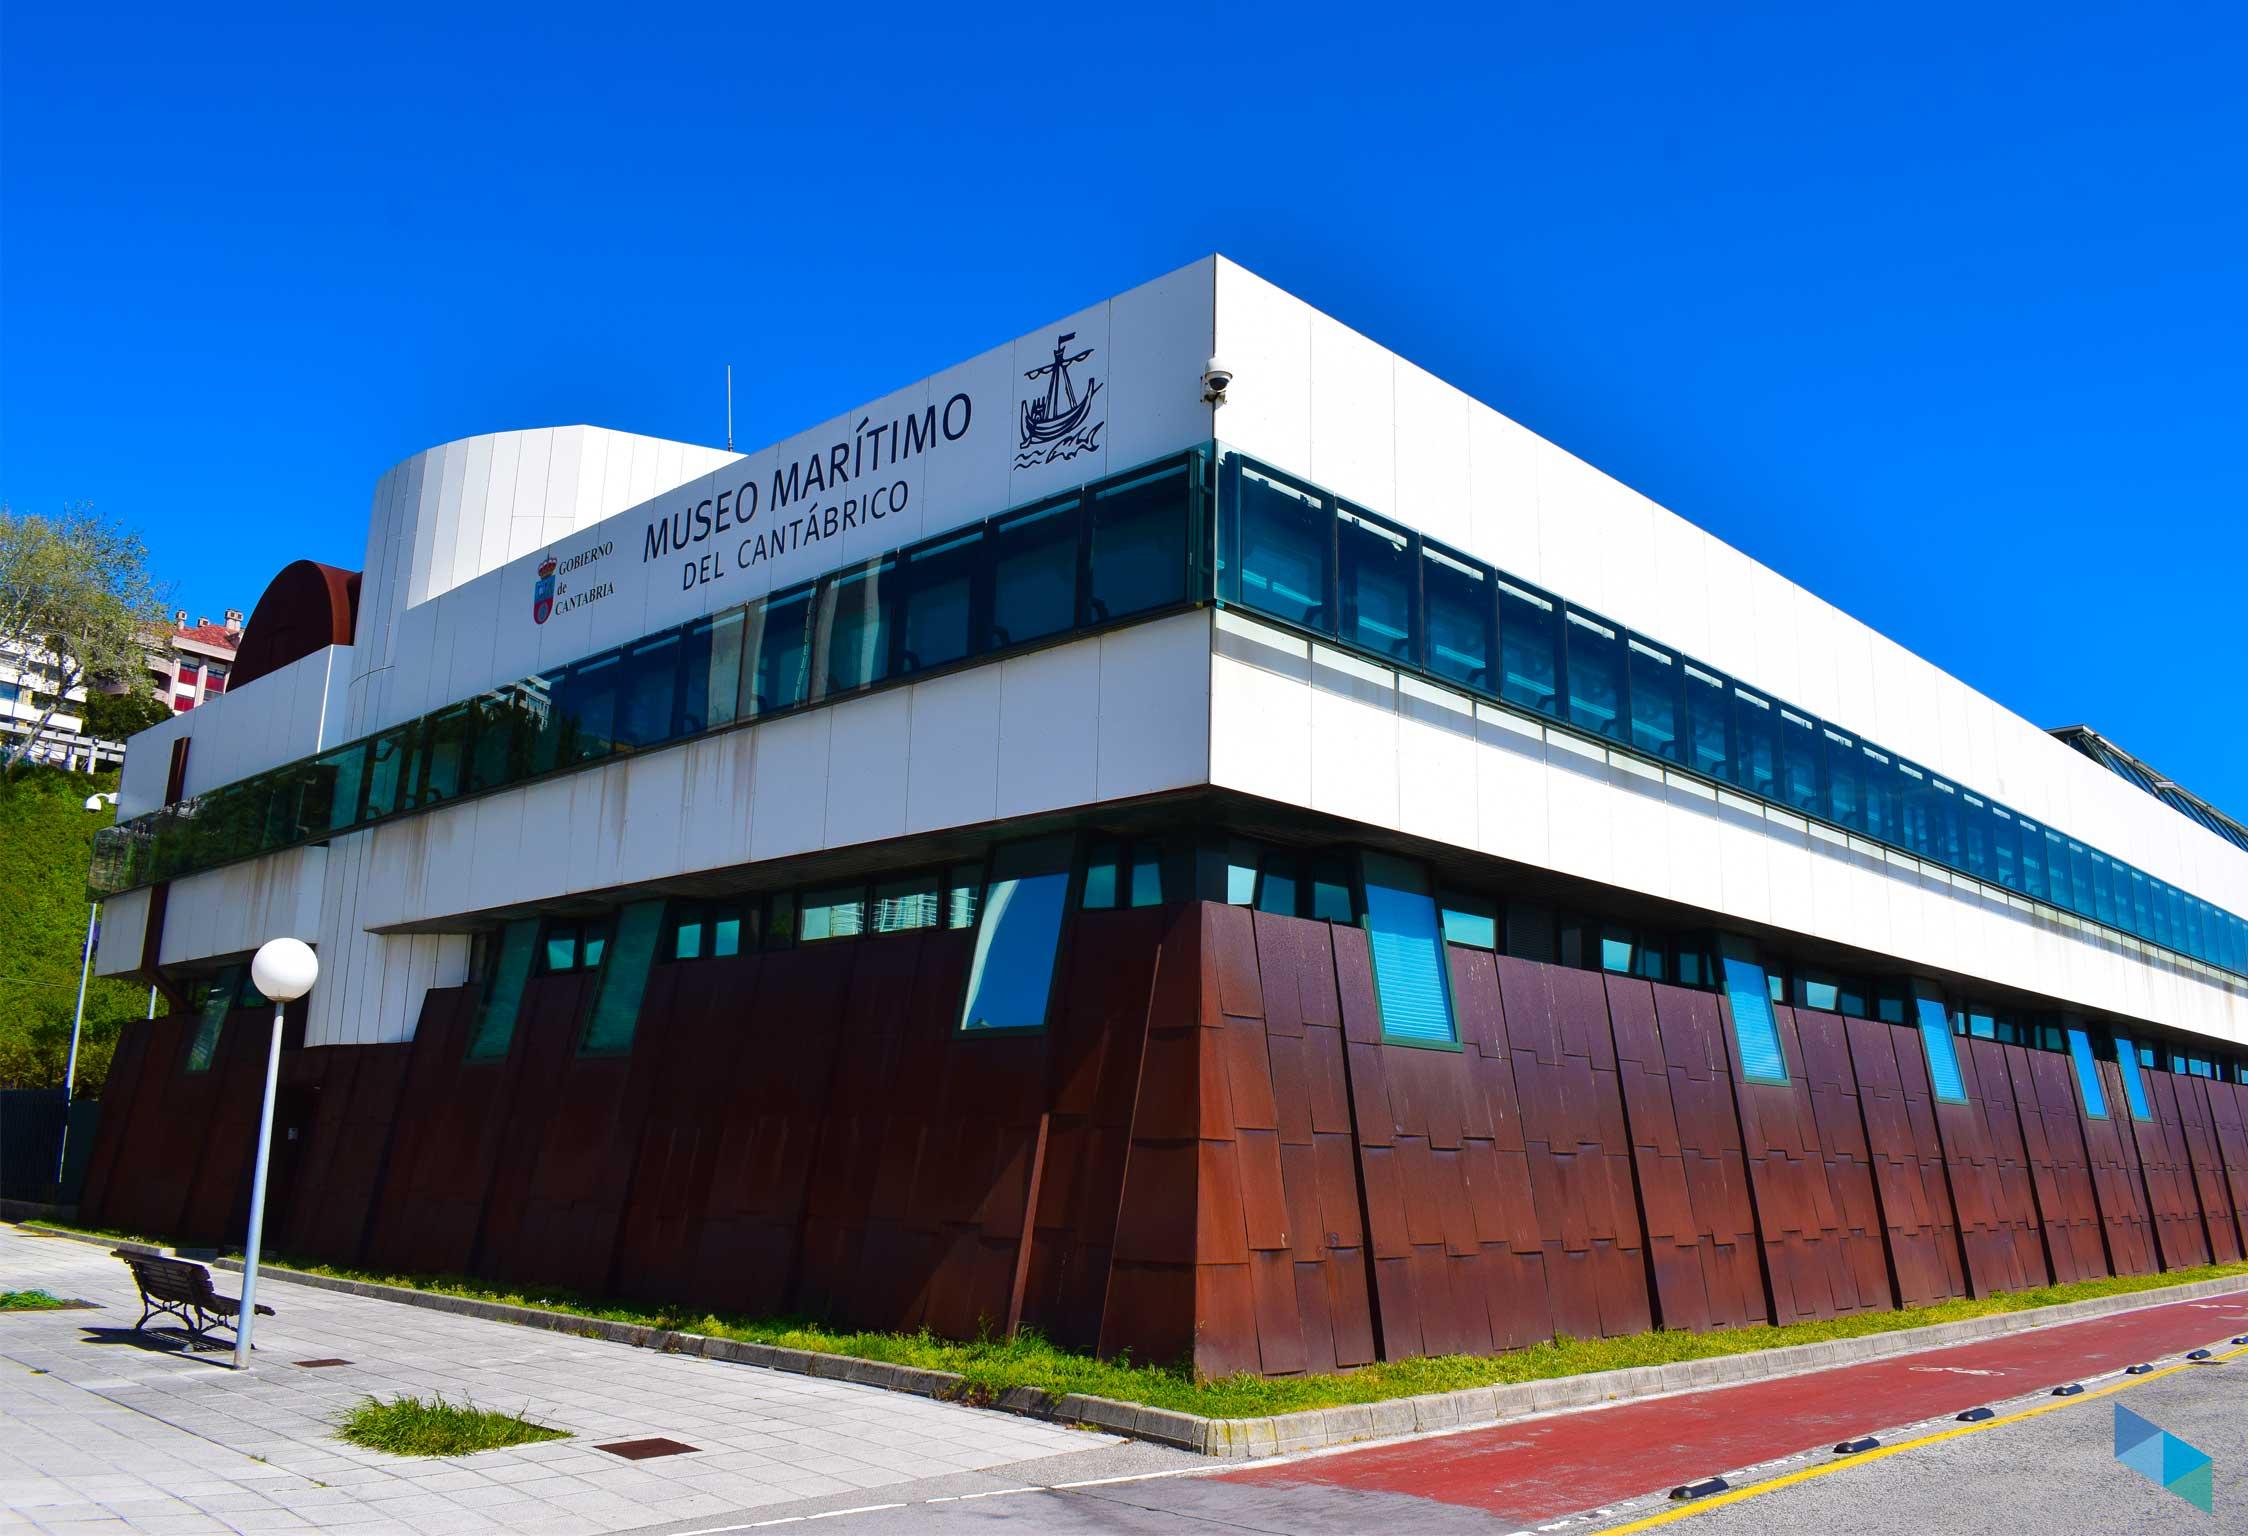 Museo Marítimo Santander costado